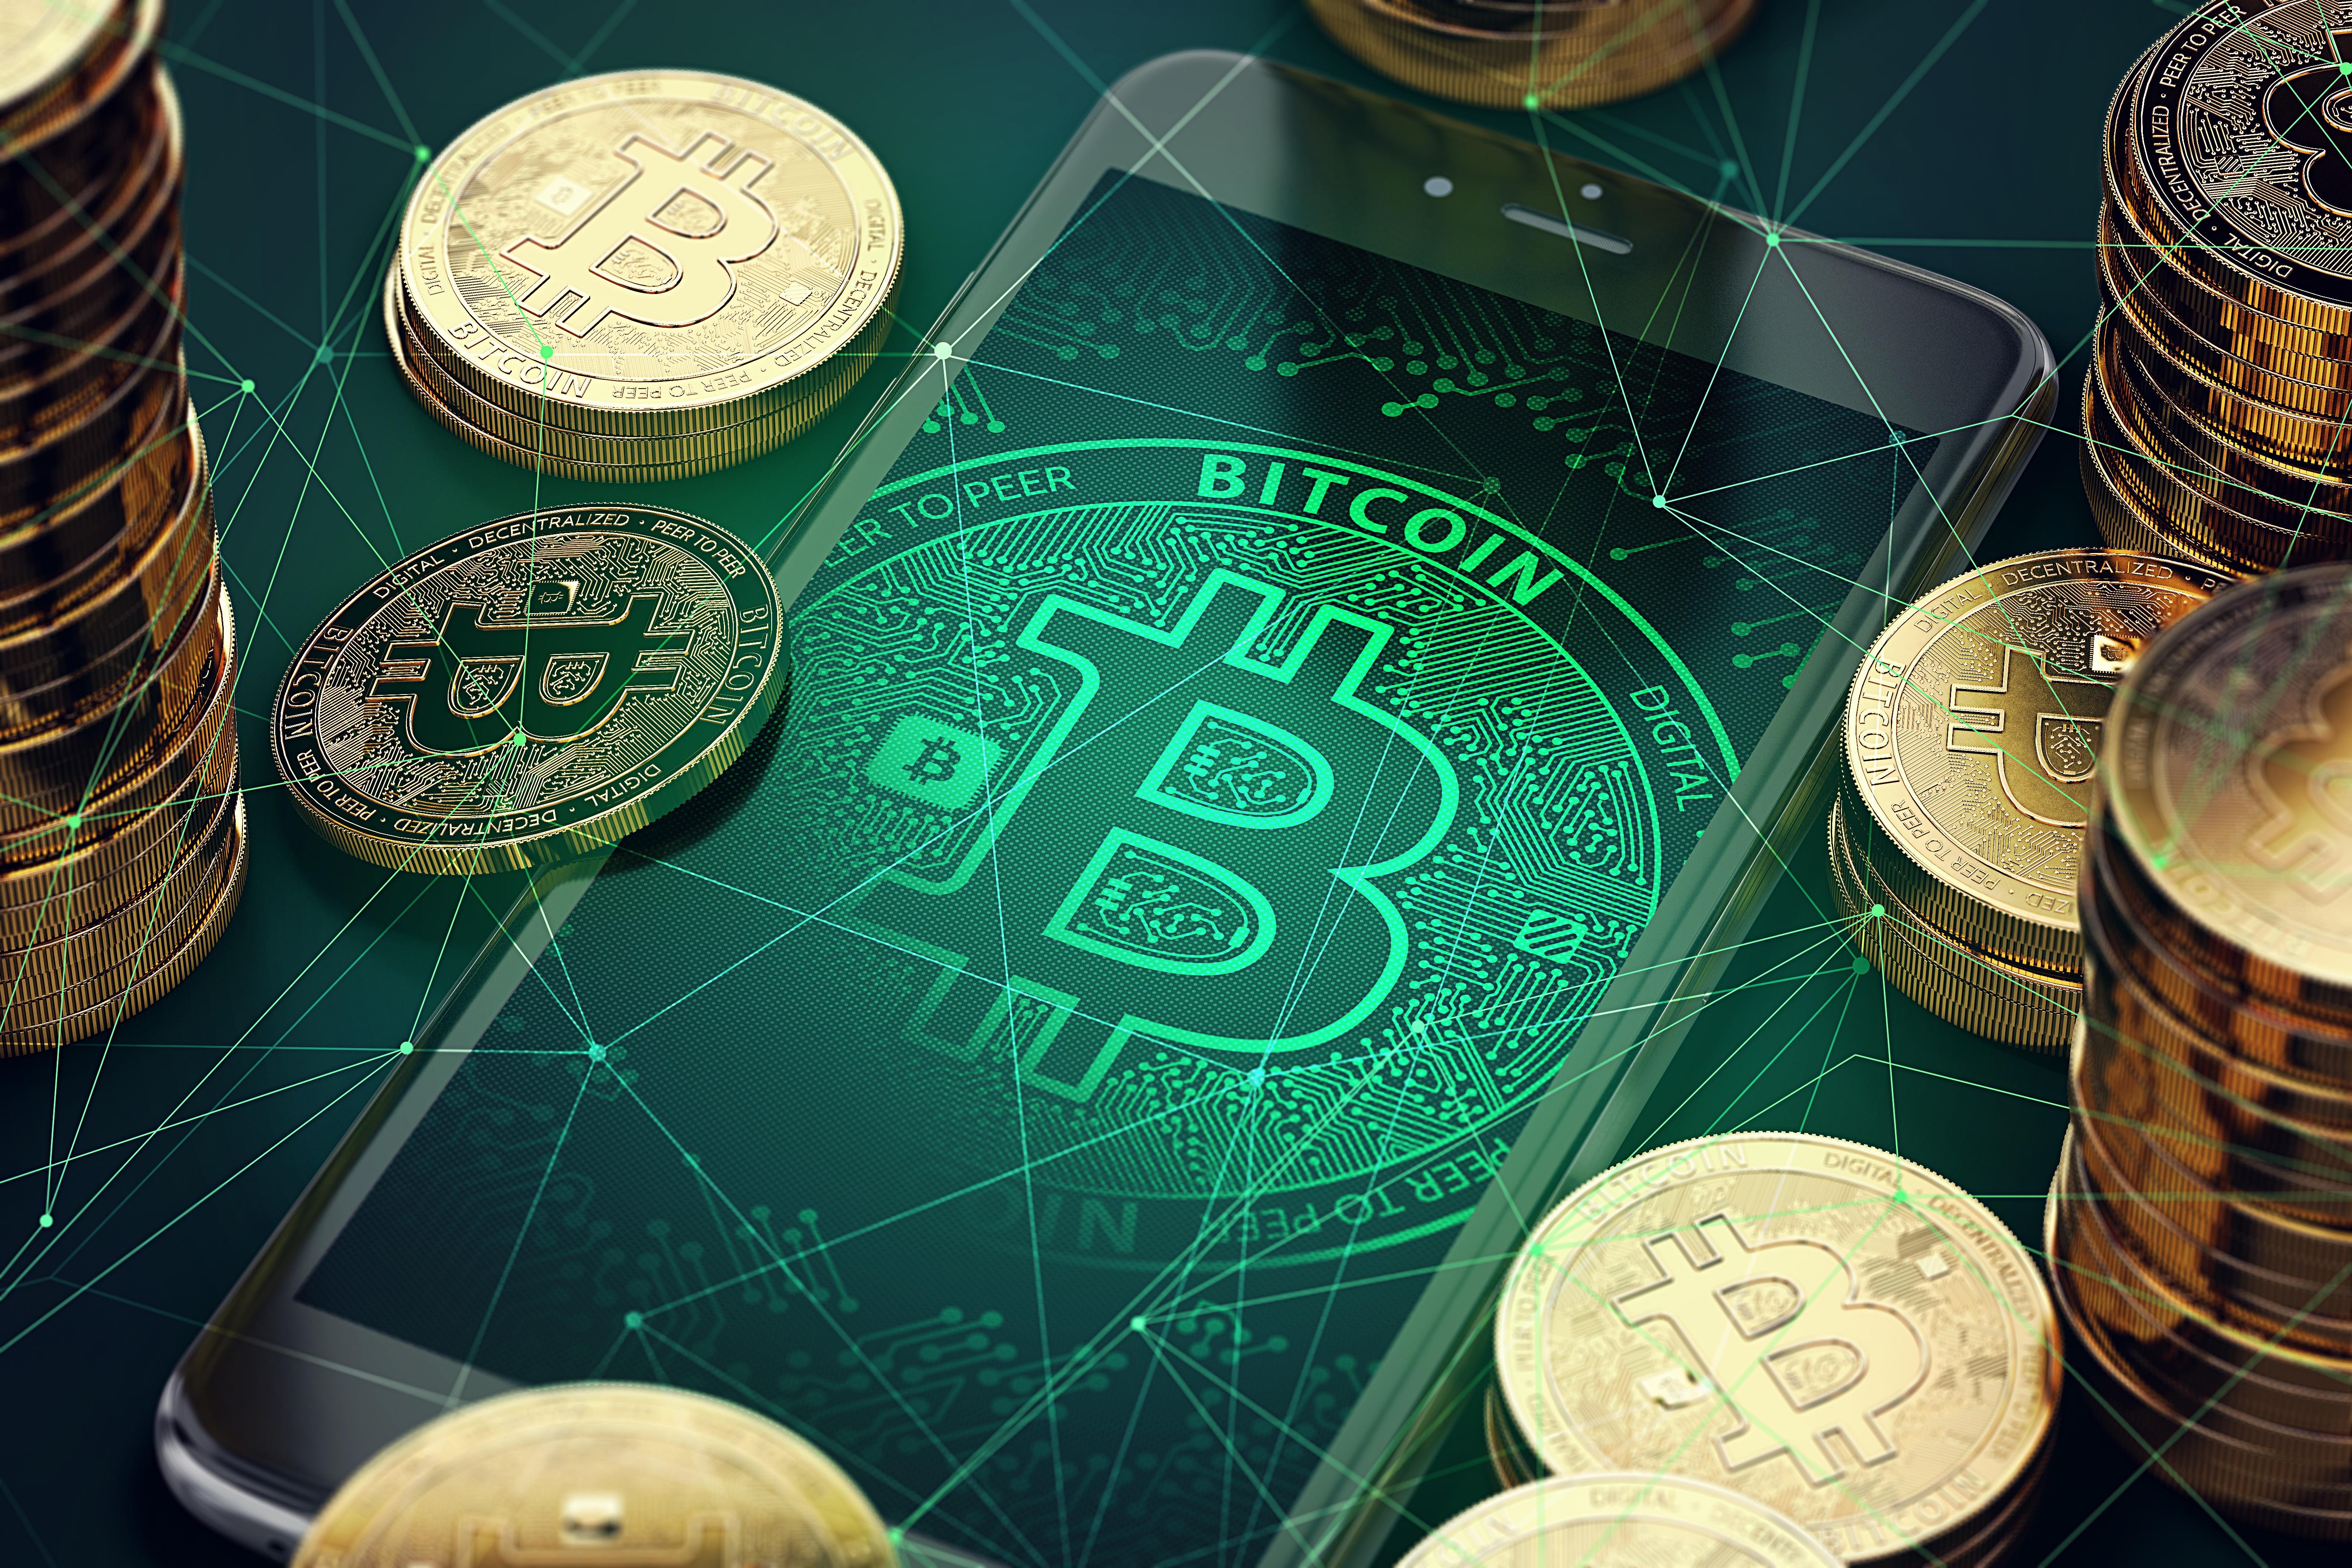 比特币 BTC背景图片 高清壁纸 其他壁纸-第1张